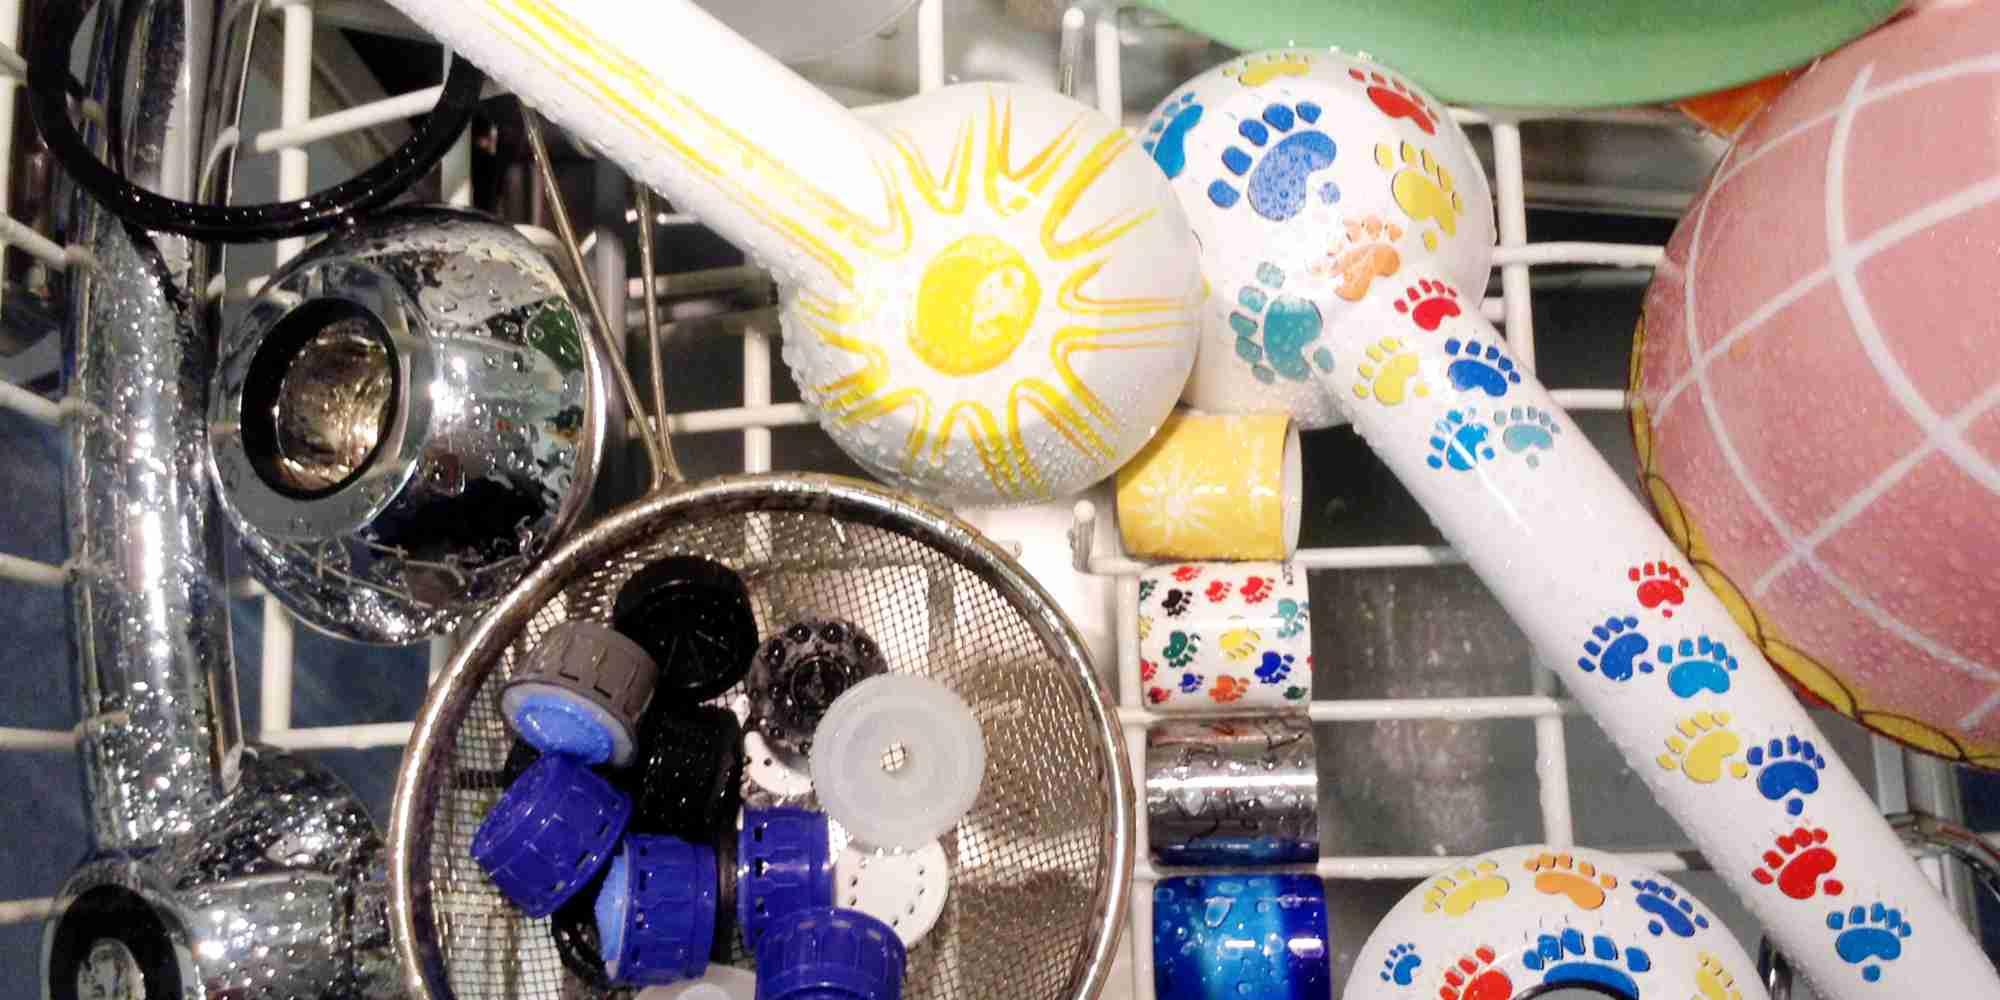 gegen Verkeimungen: in der Spülmaschine waschen